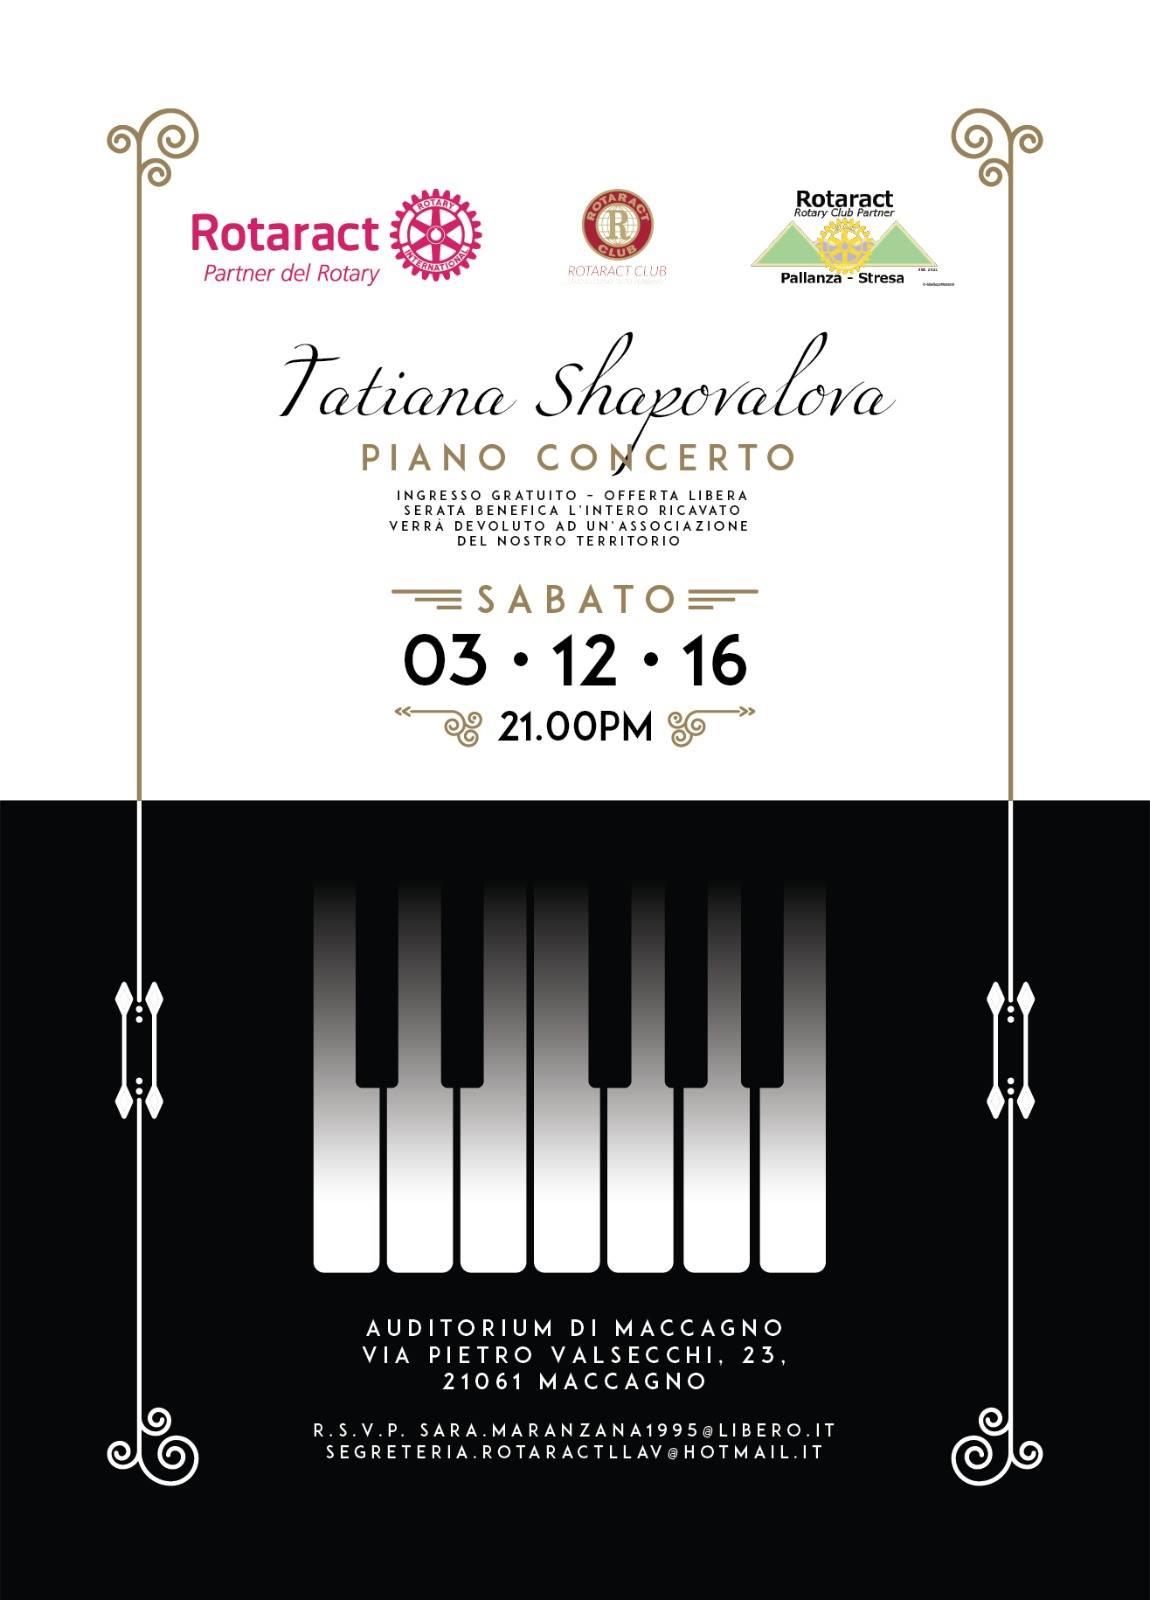 Maccagno, sabato concerto di pianoforte benefico con Tatiana Shapovalova